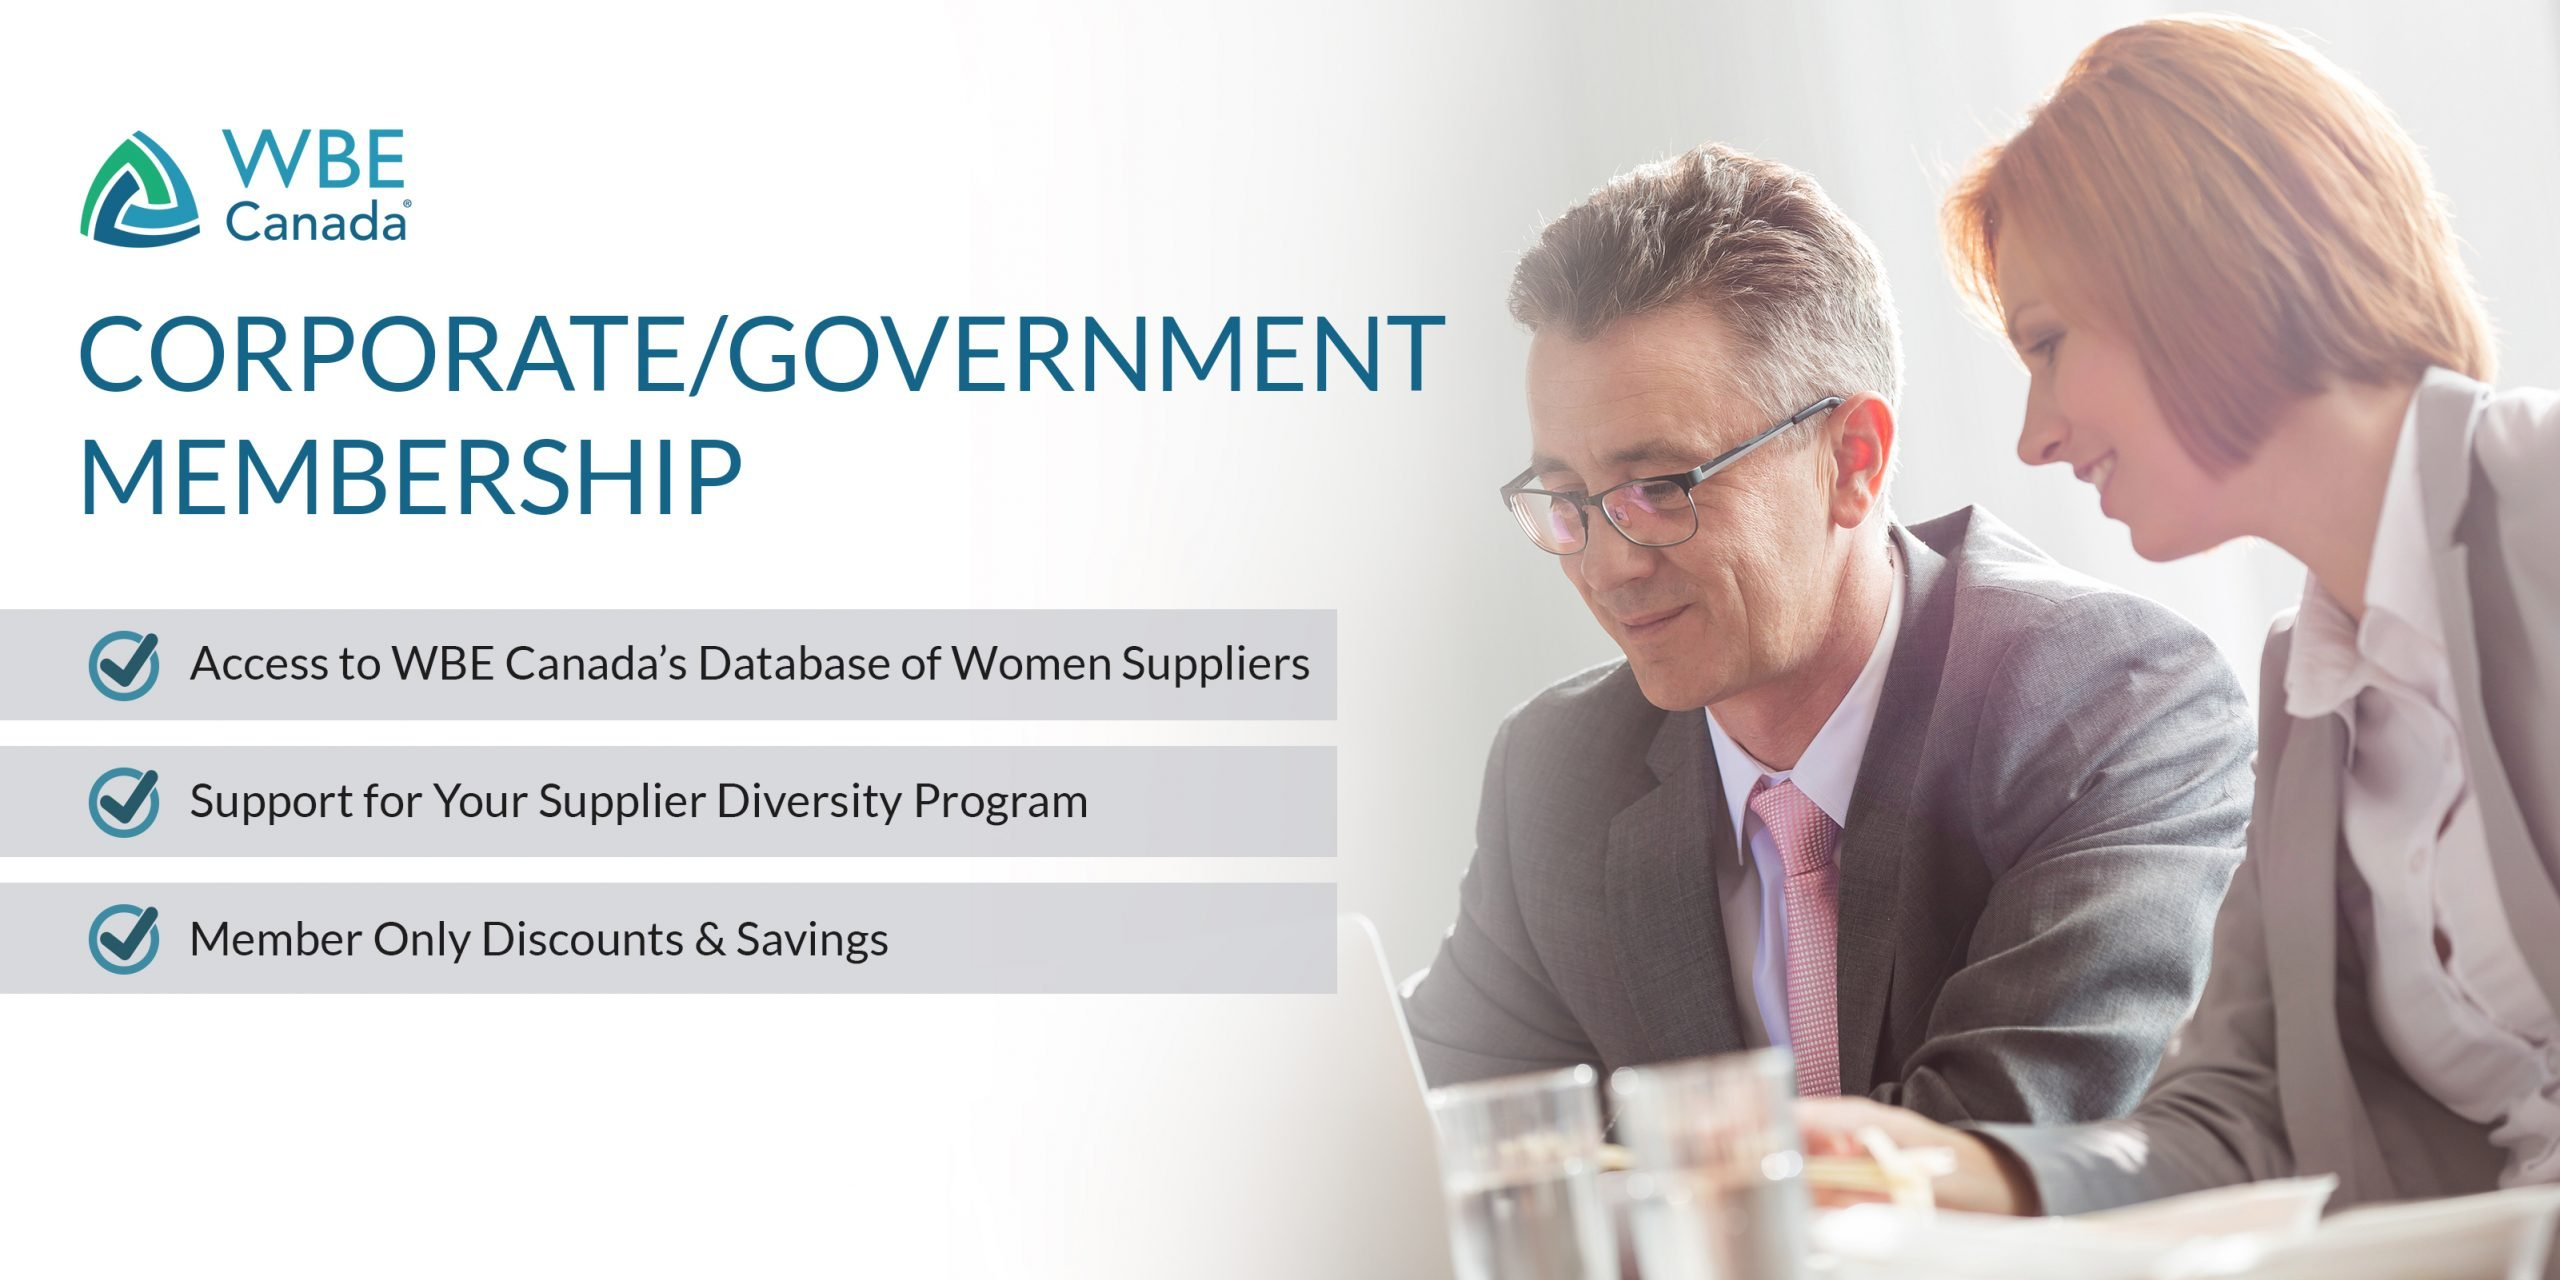 WBE Canada Membership